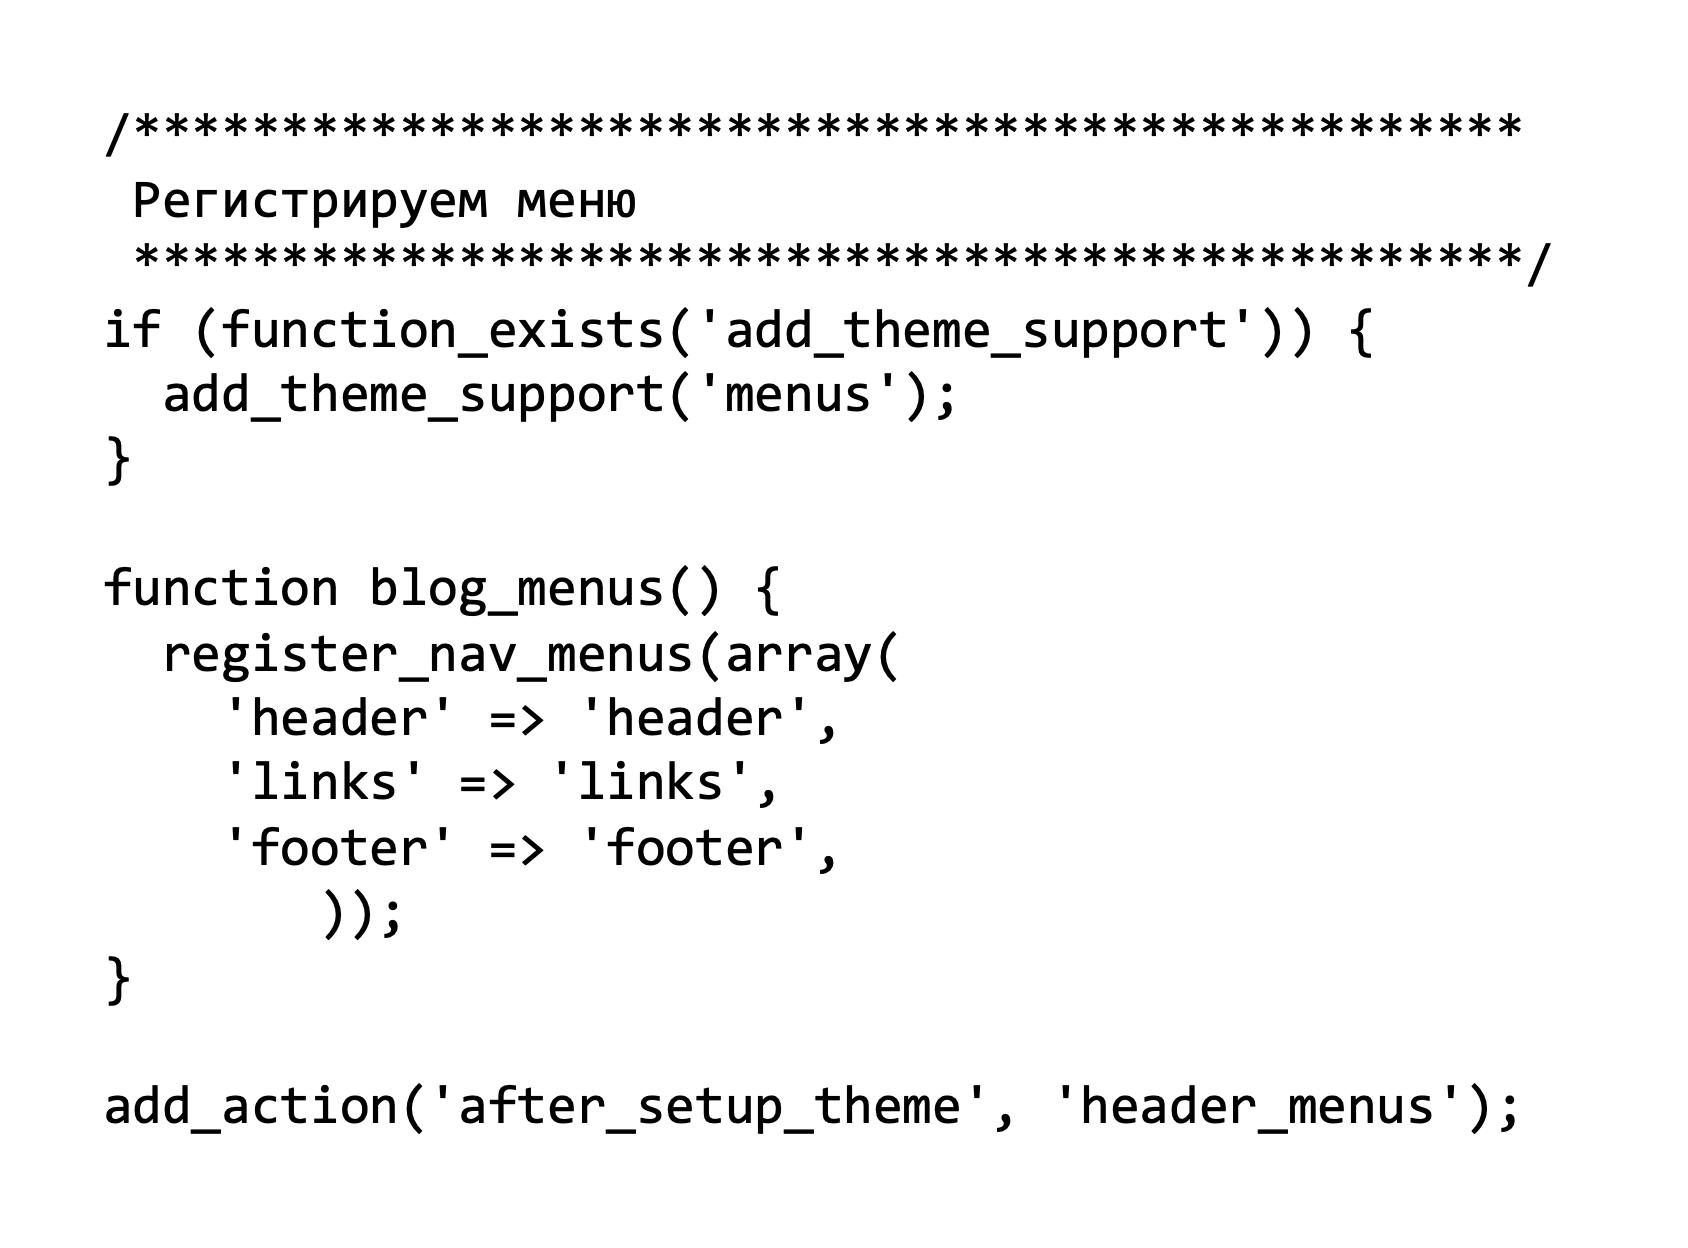 Пример кода, набранный гарнитурой Consolas